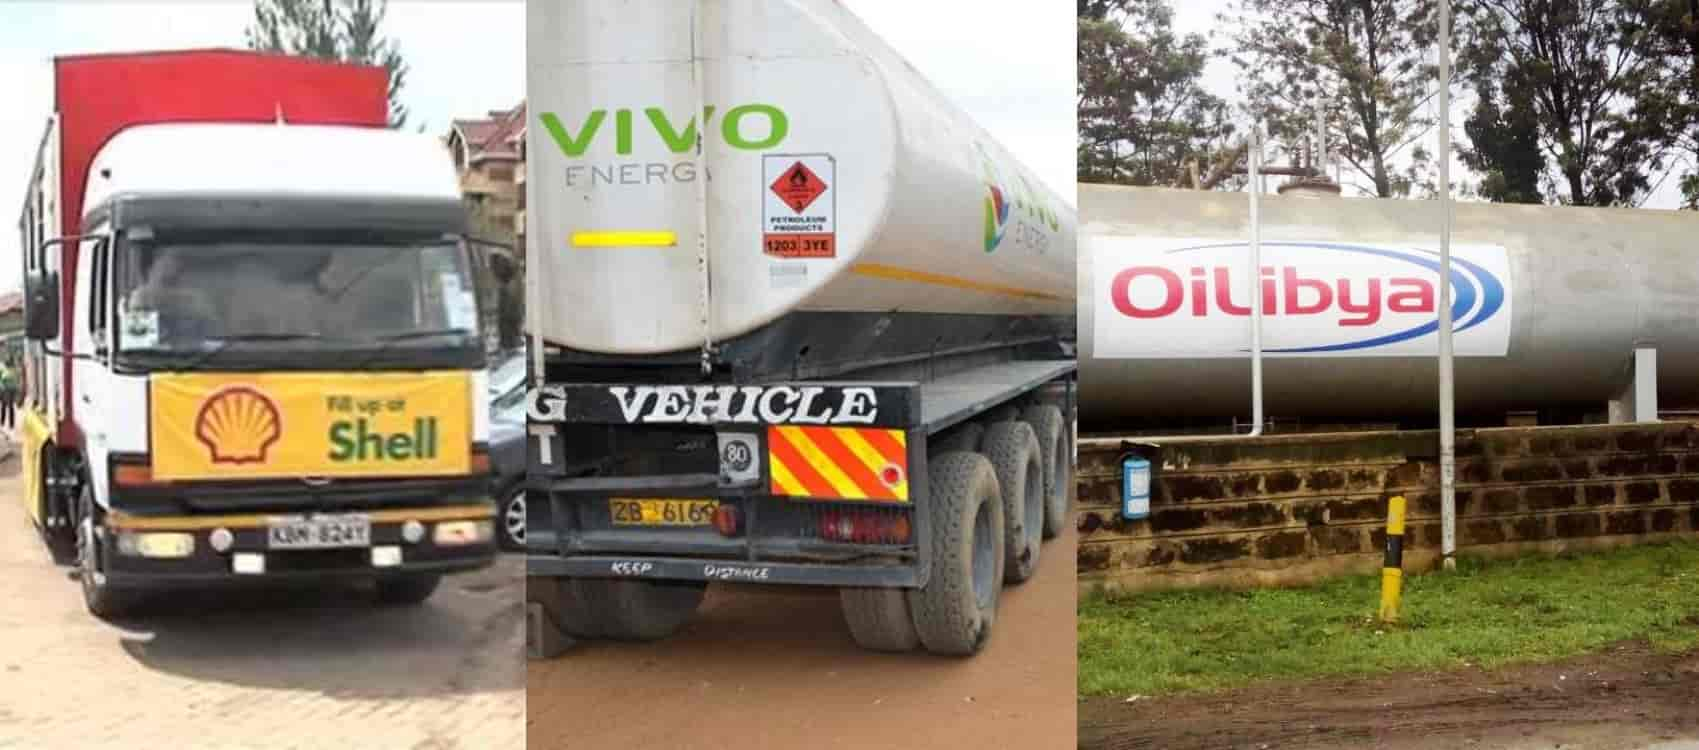 List Of Top Oil Marketing Companies in Kenya